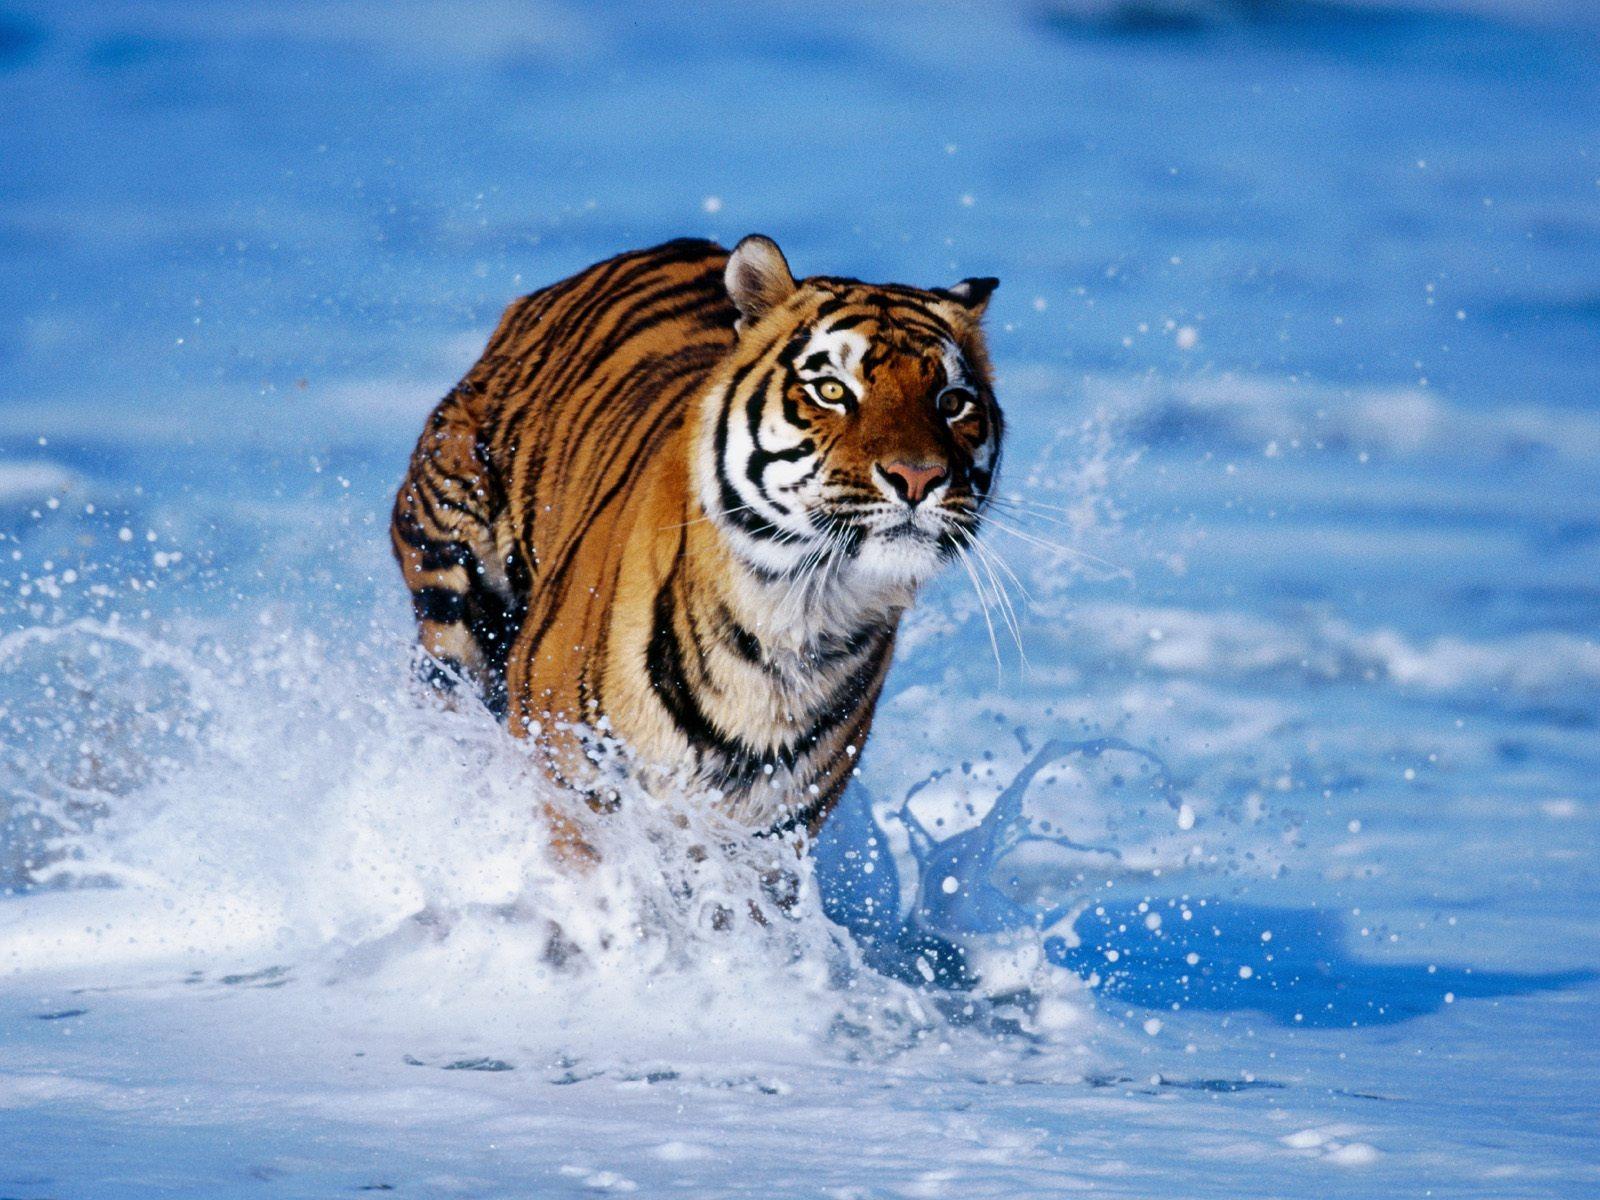 Son bureau aller à la liste complète des fonds d écran de tigre